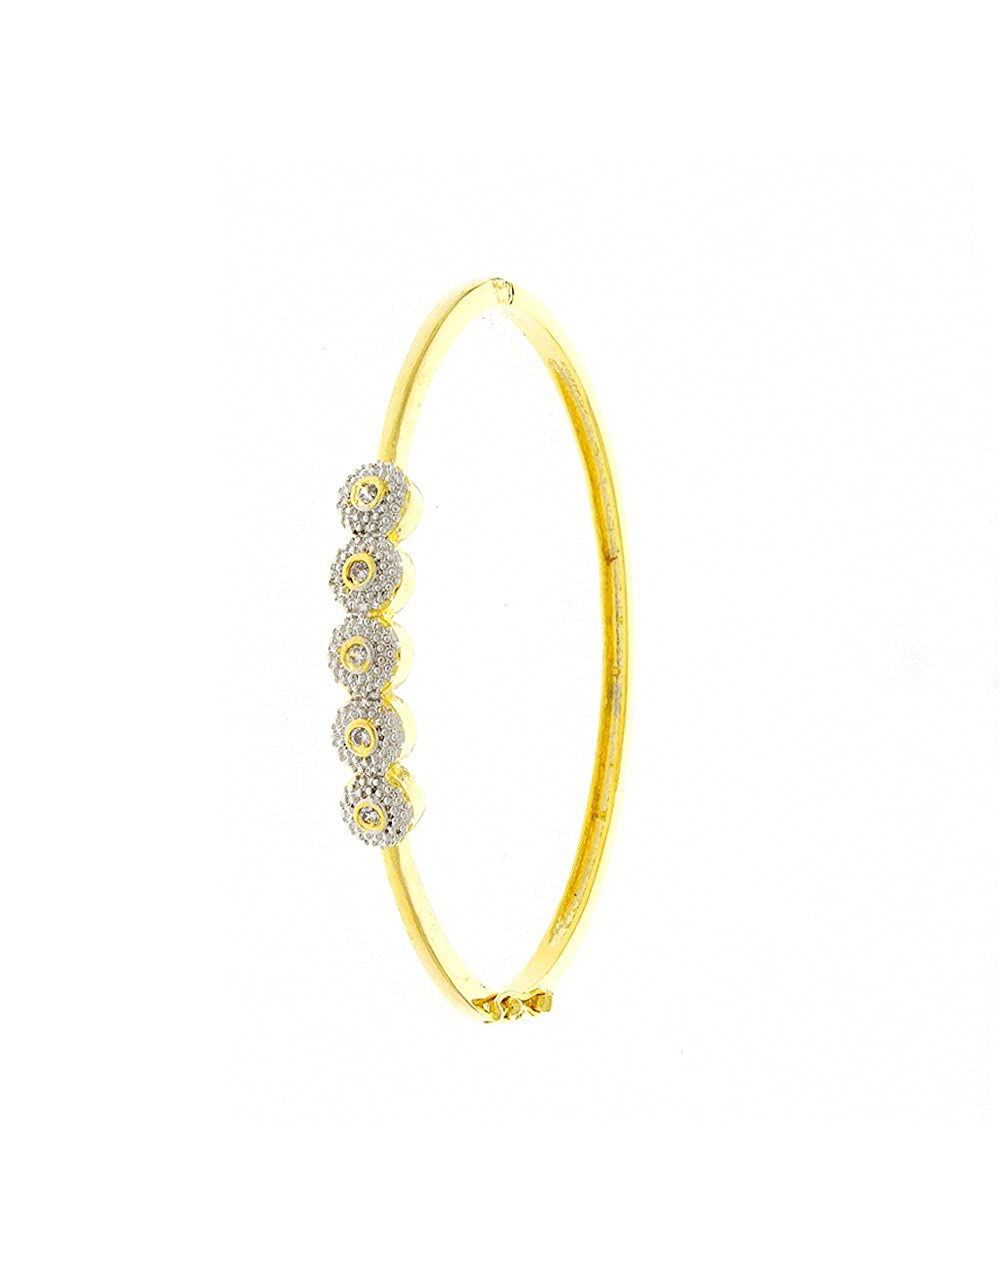 Anuradha Art Golden Finish Designer Very Classy Designer Shimmering American Diamonds Hand Bracelets//Kada for Women//Girls